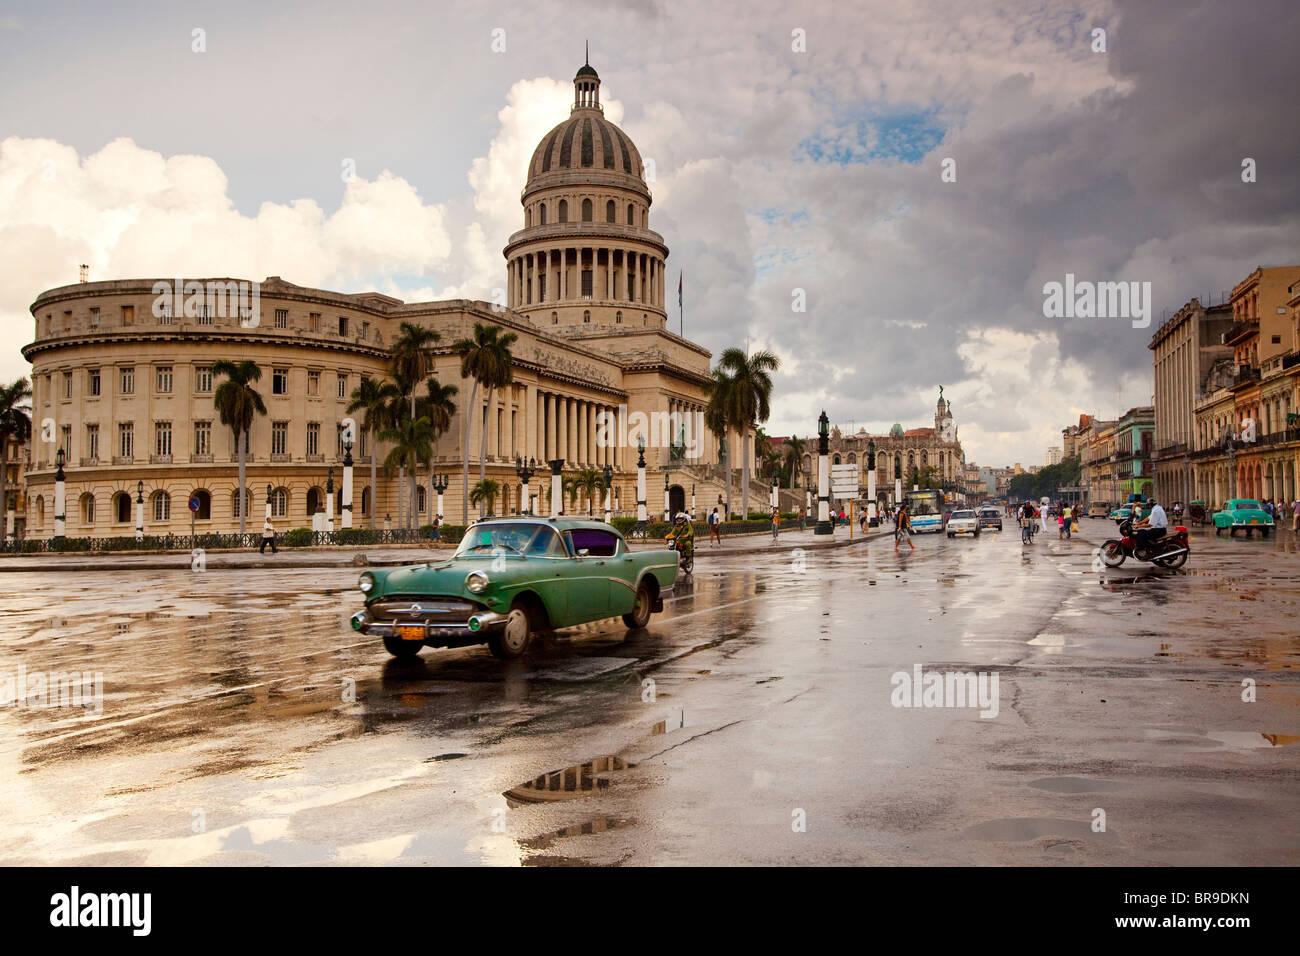 Kapital Gebäude in Havanna, Kuba. Stockbild